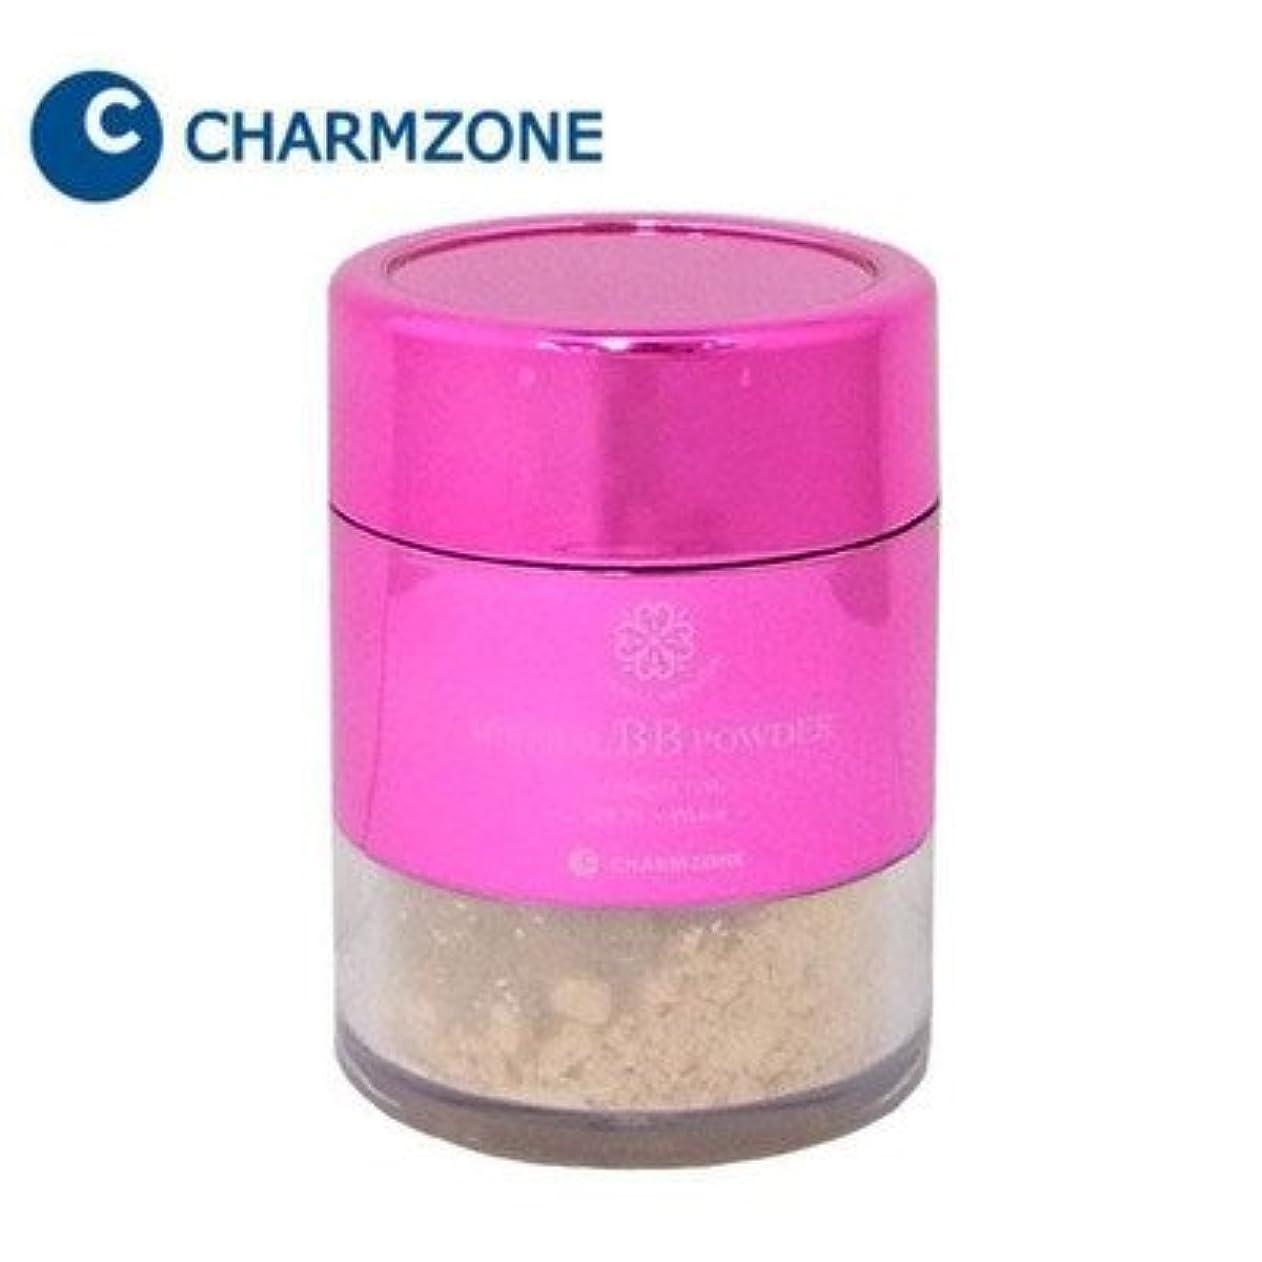 社会チェリー独占77種類の保湿成分配合パウダーでツヤ肌に チャームゾーン ナチュラルスキンエード ミネラルBBパウダー プレミアム 10g